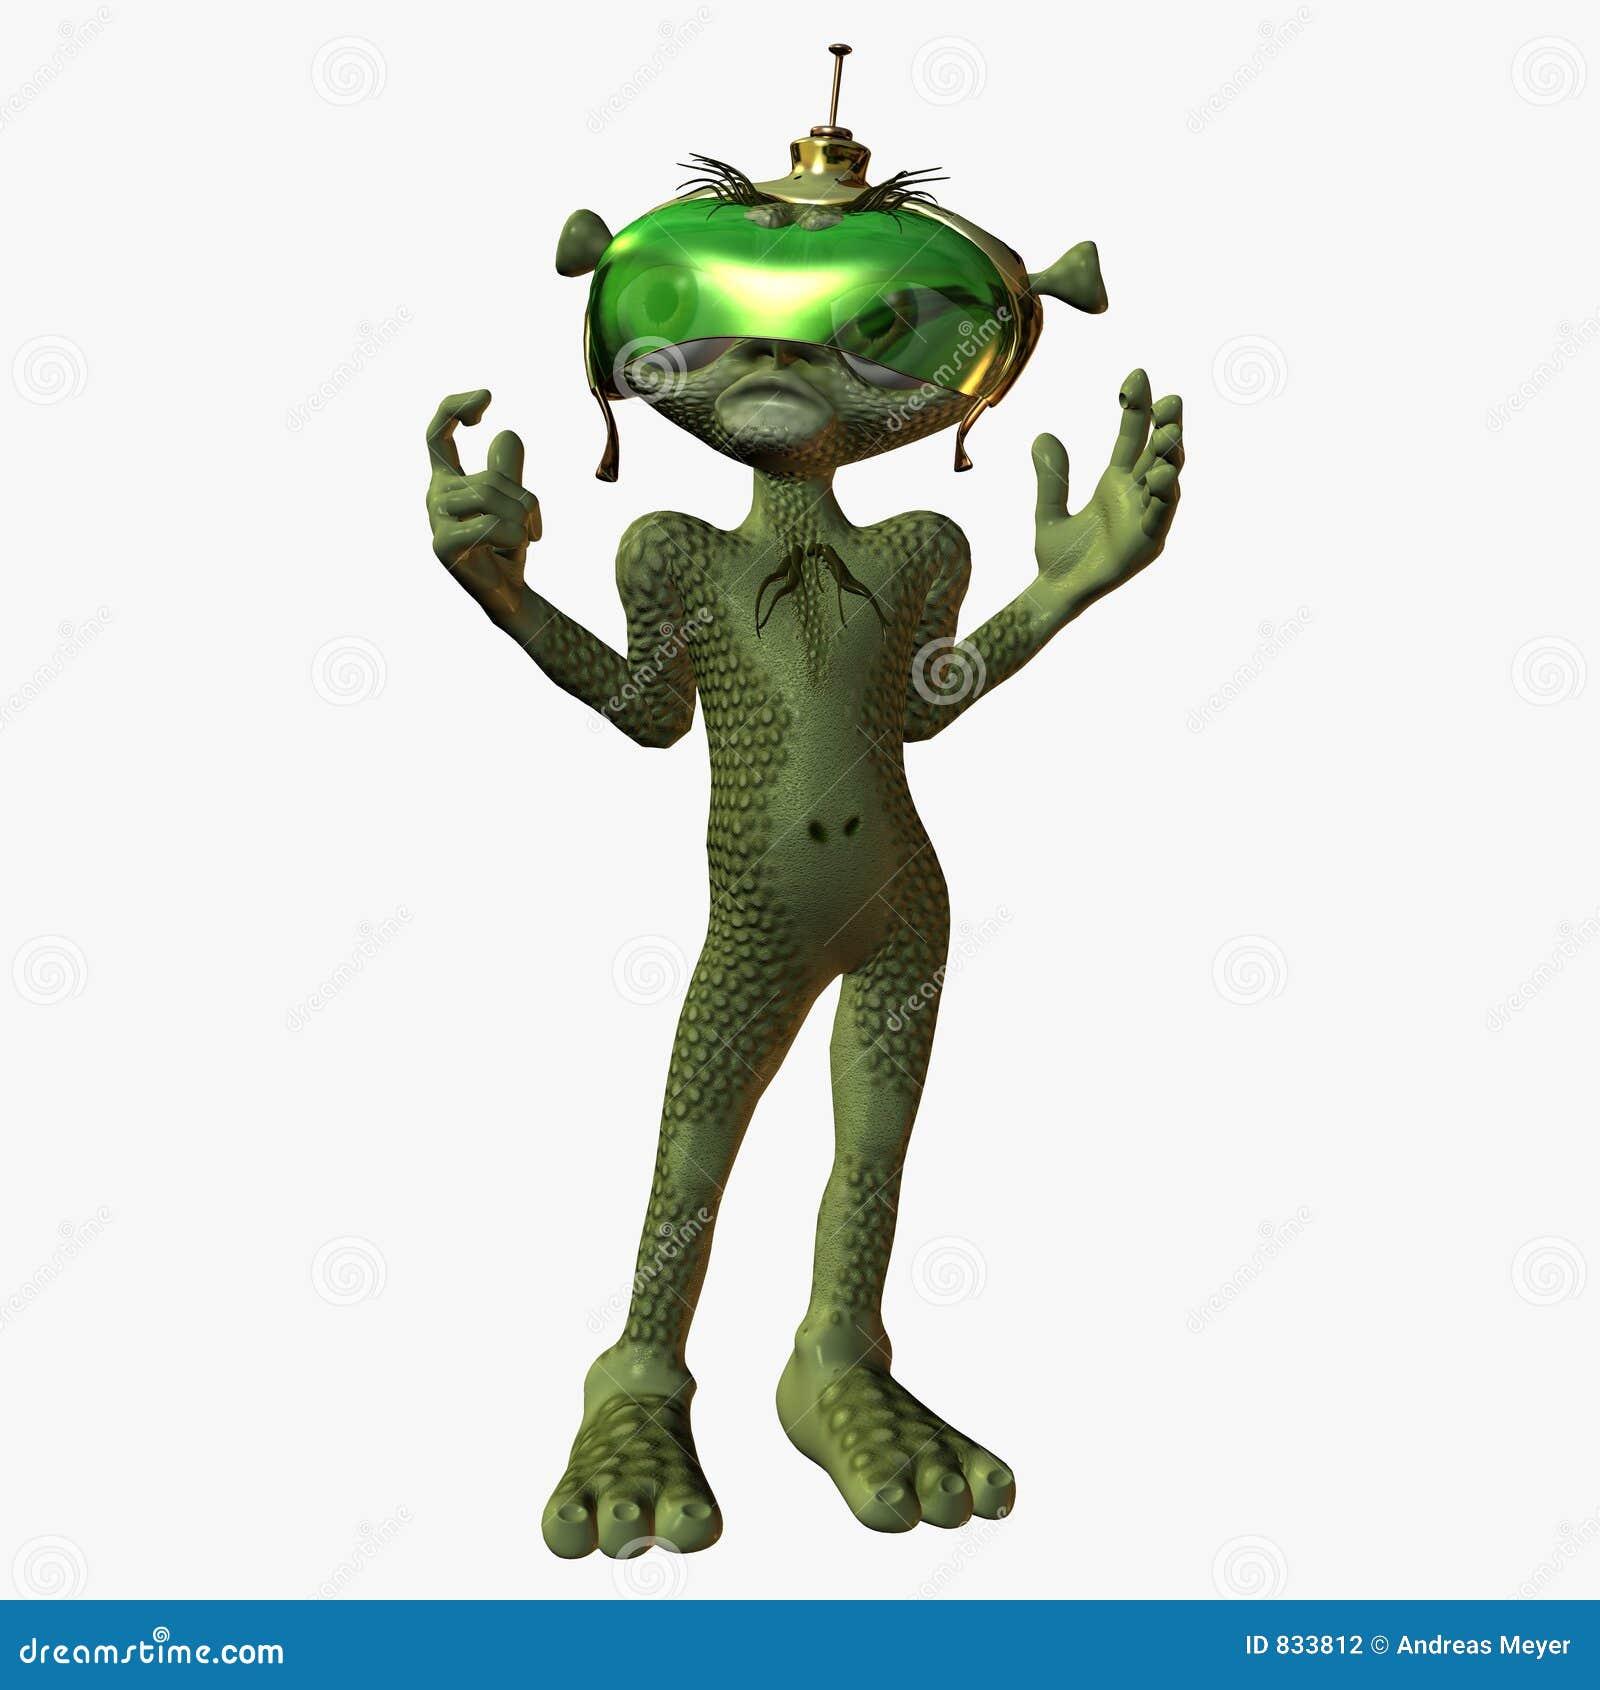 Toon Alien - Unhappy